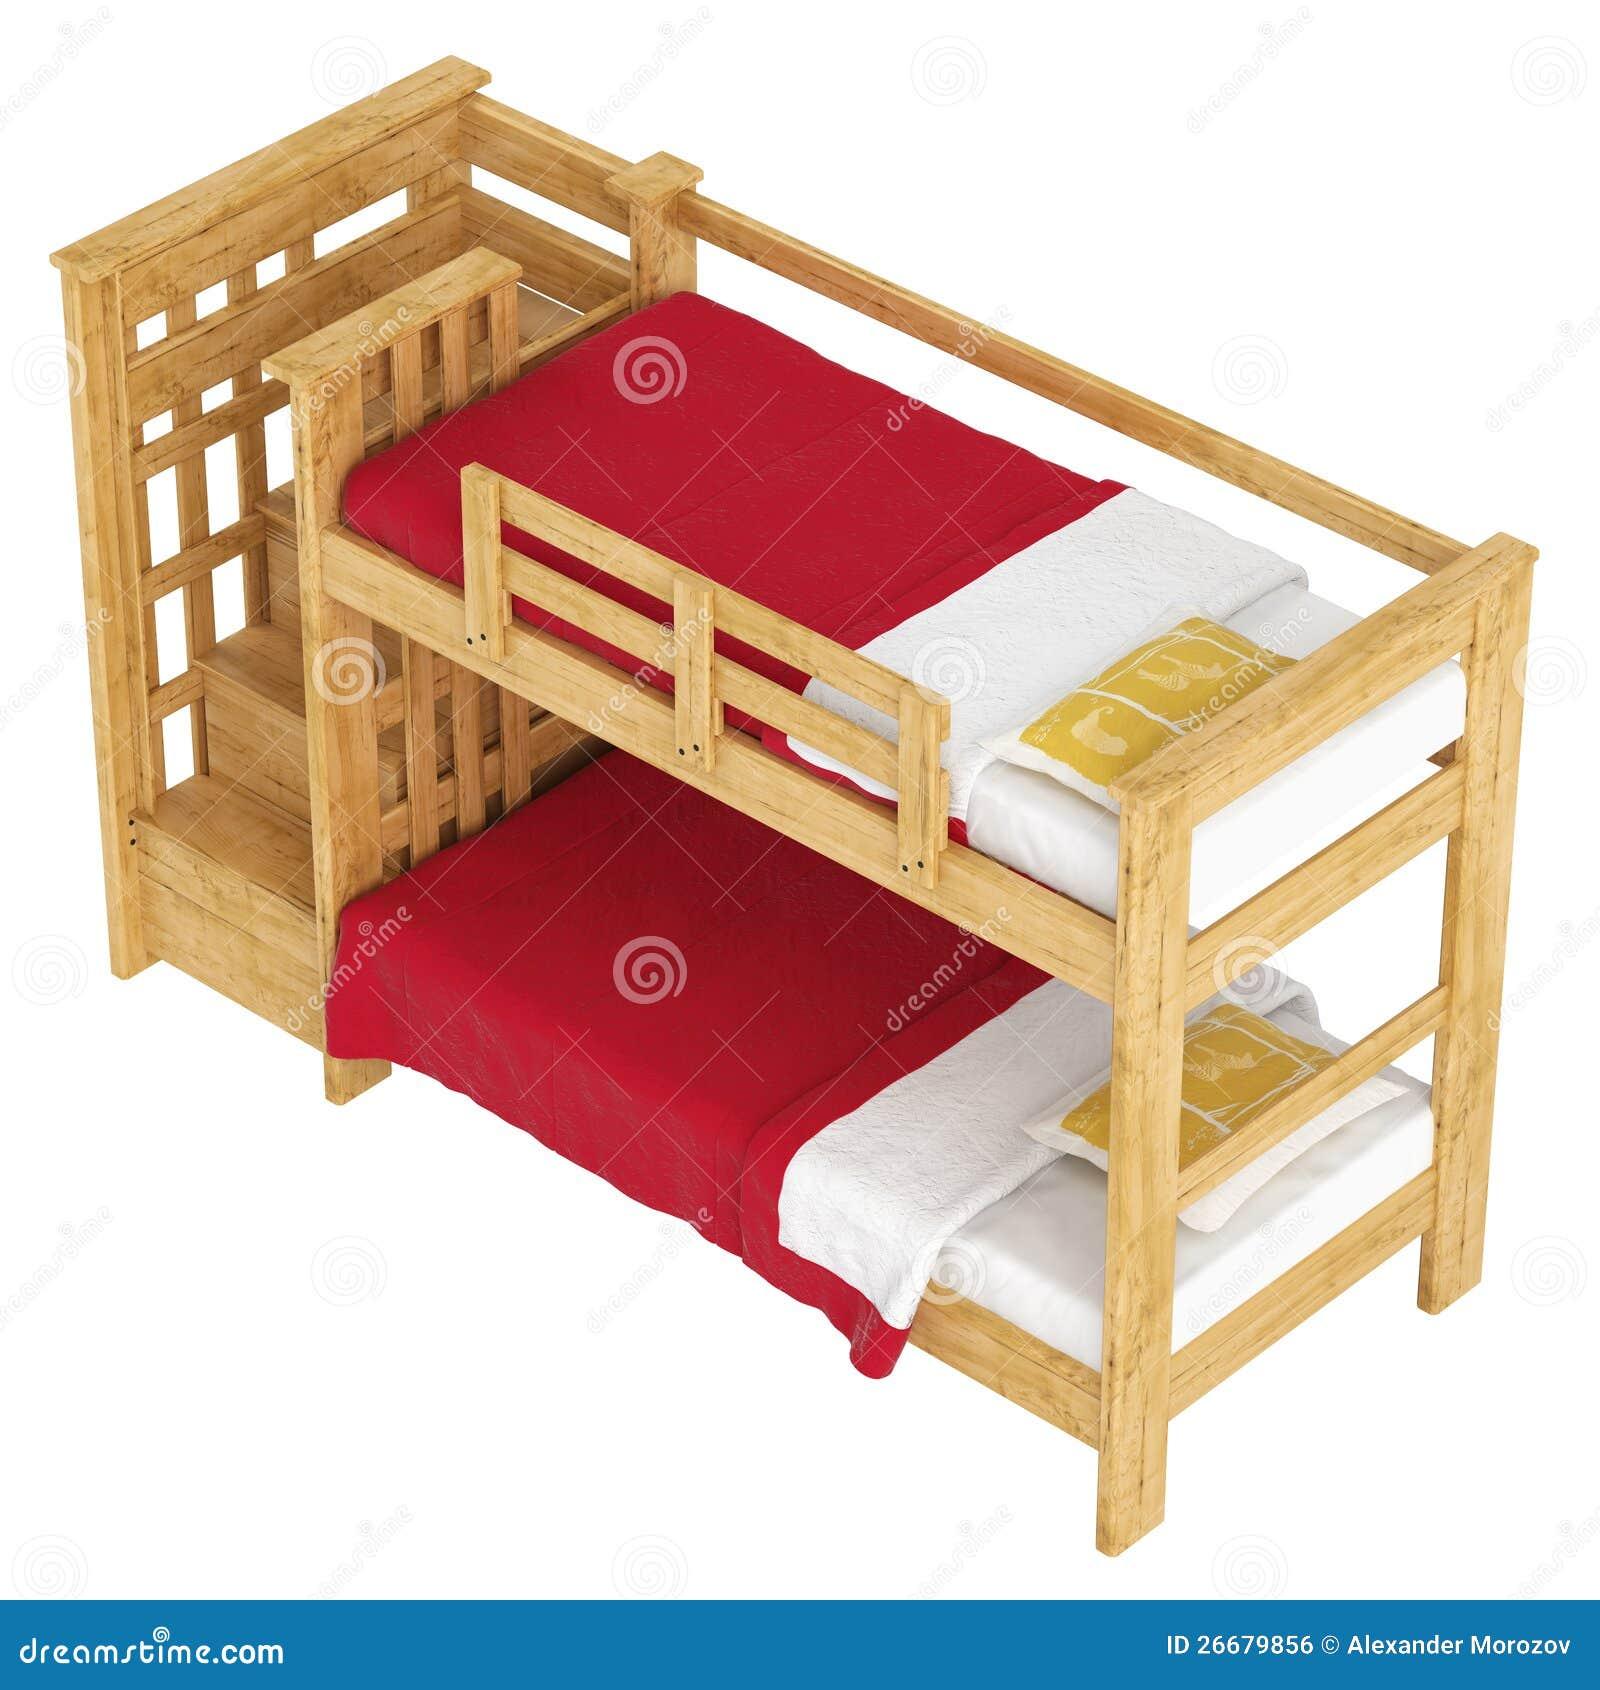 Stapelbed Met Dubbel Bed.Houten Dubbel Stapelbed Stock Illustratie Illustratie Bestaande Uit